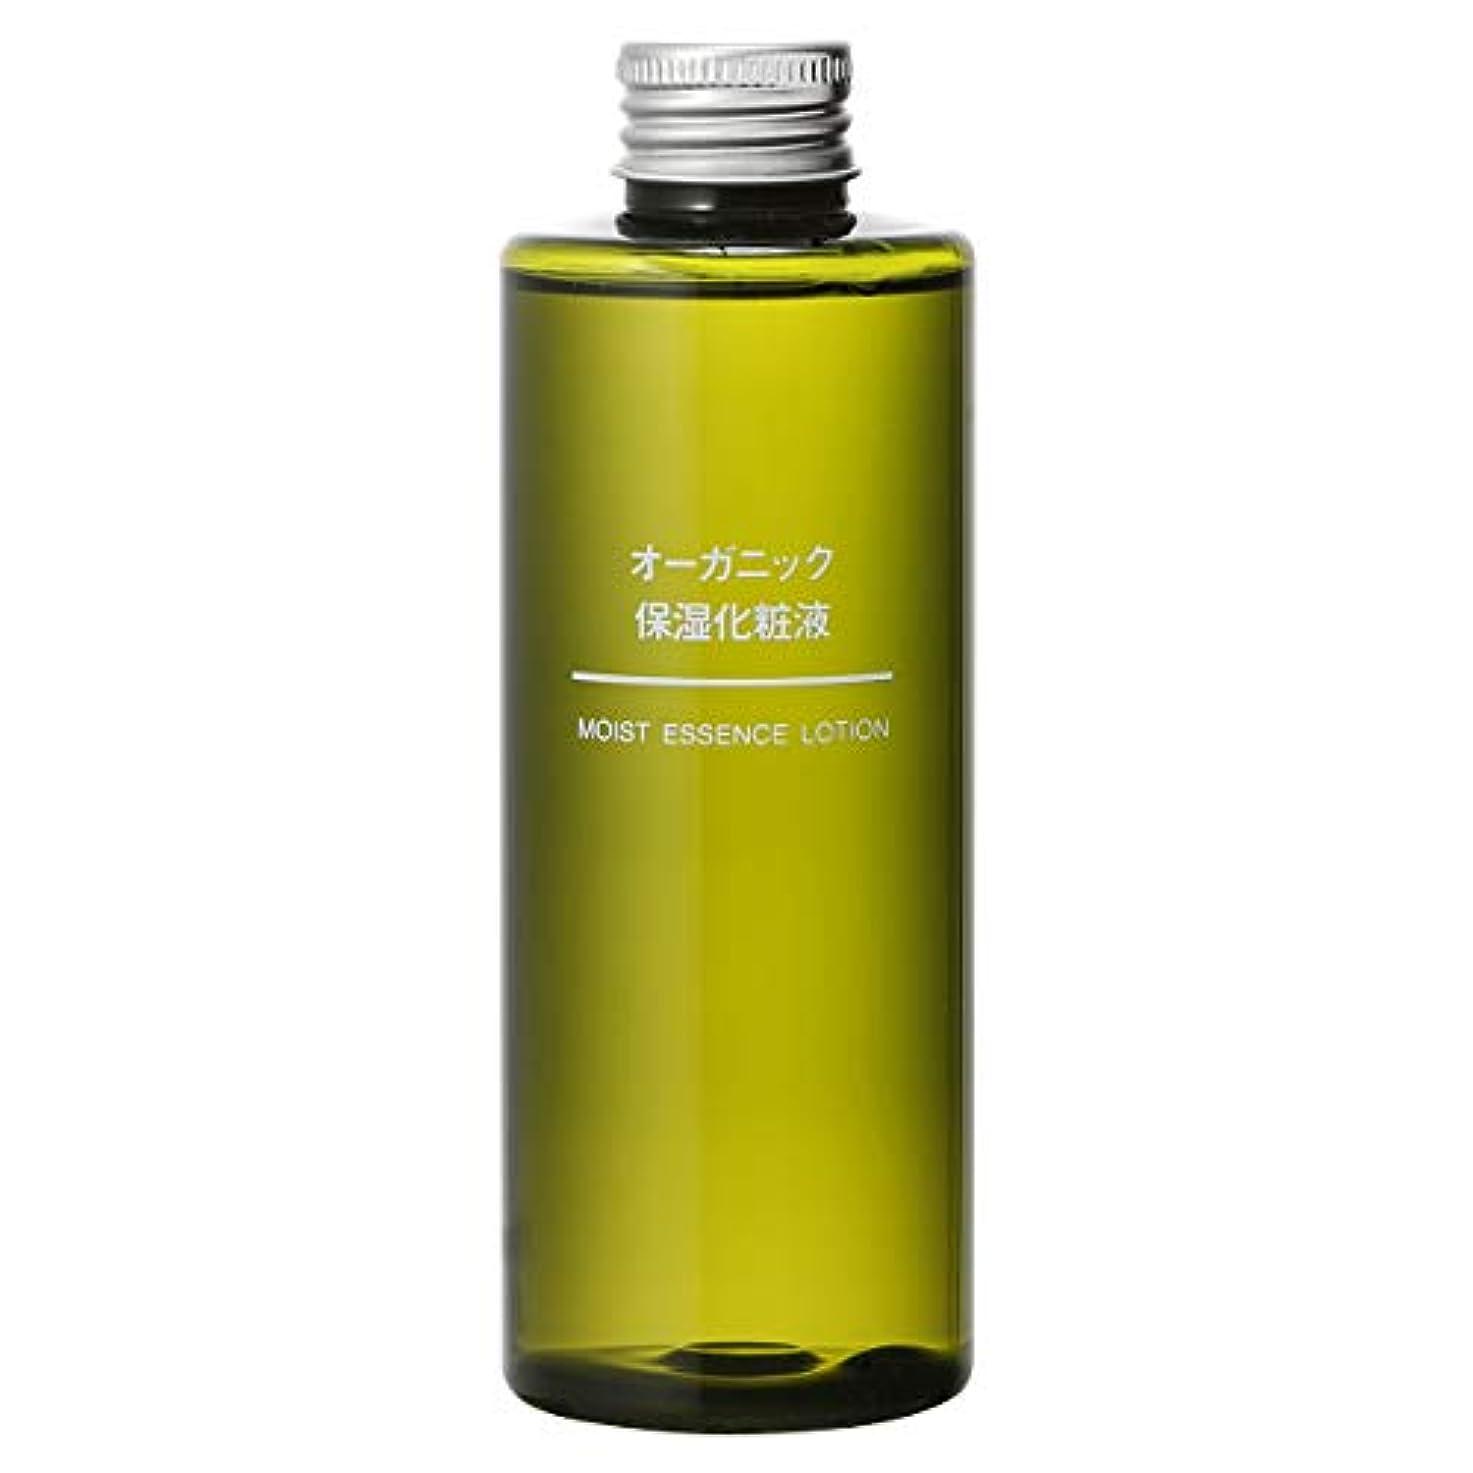 圧力ぬれた考案する無印良品 オーガニック保湿化粧液 200ml